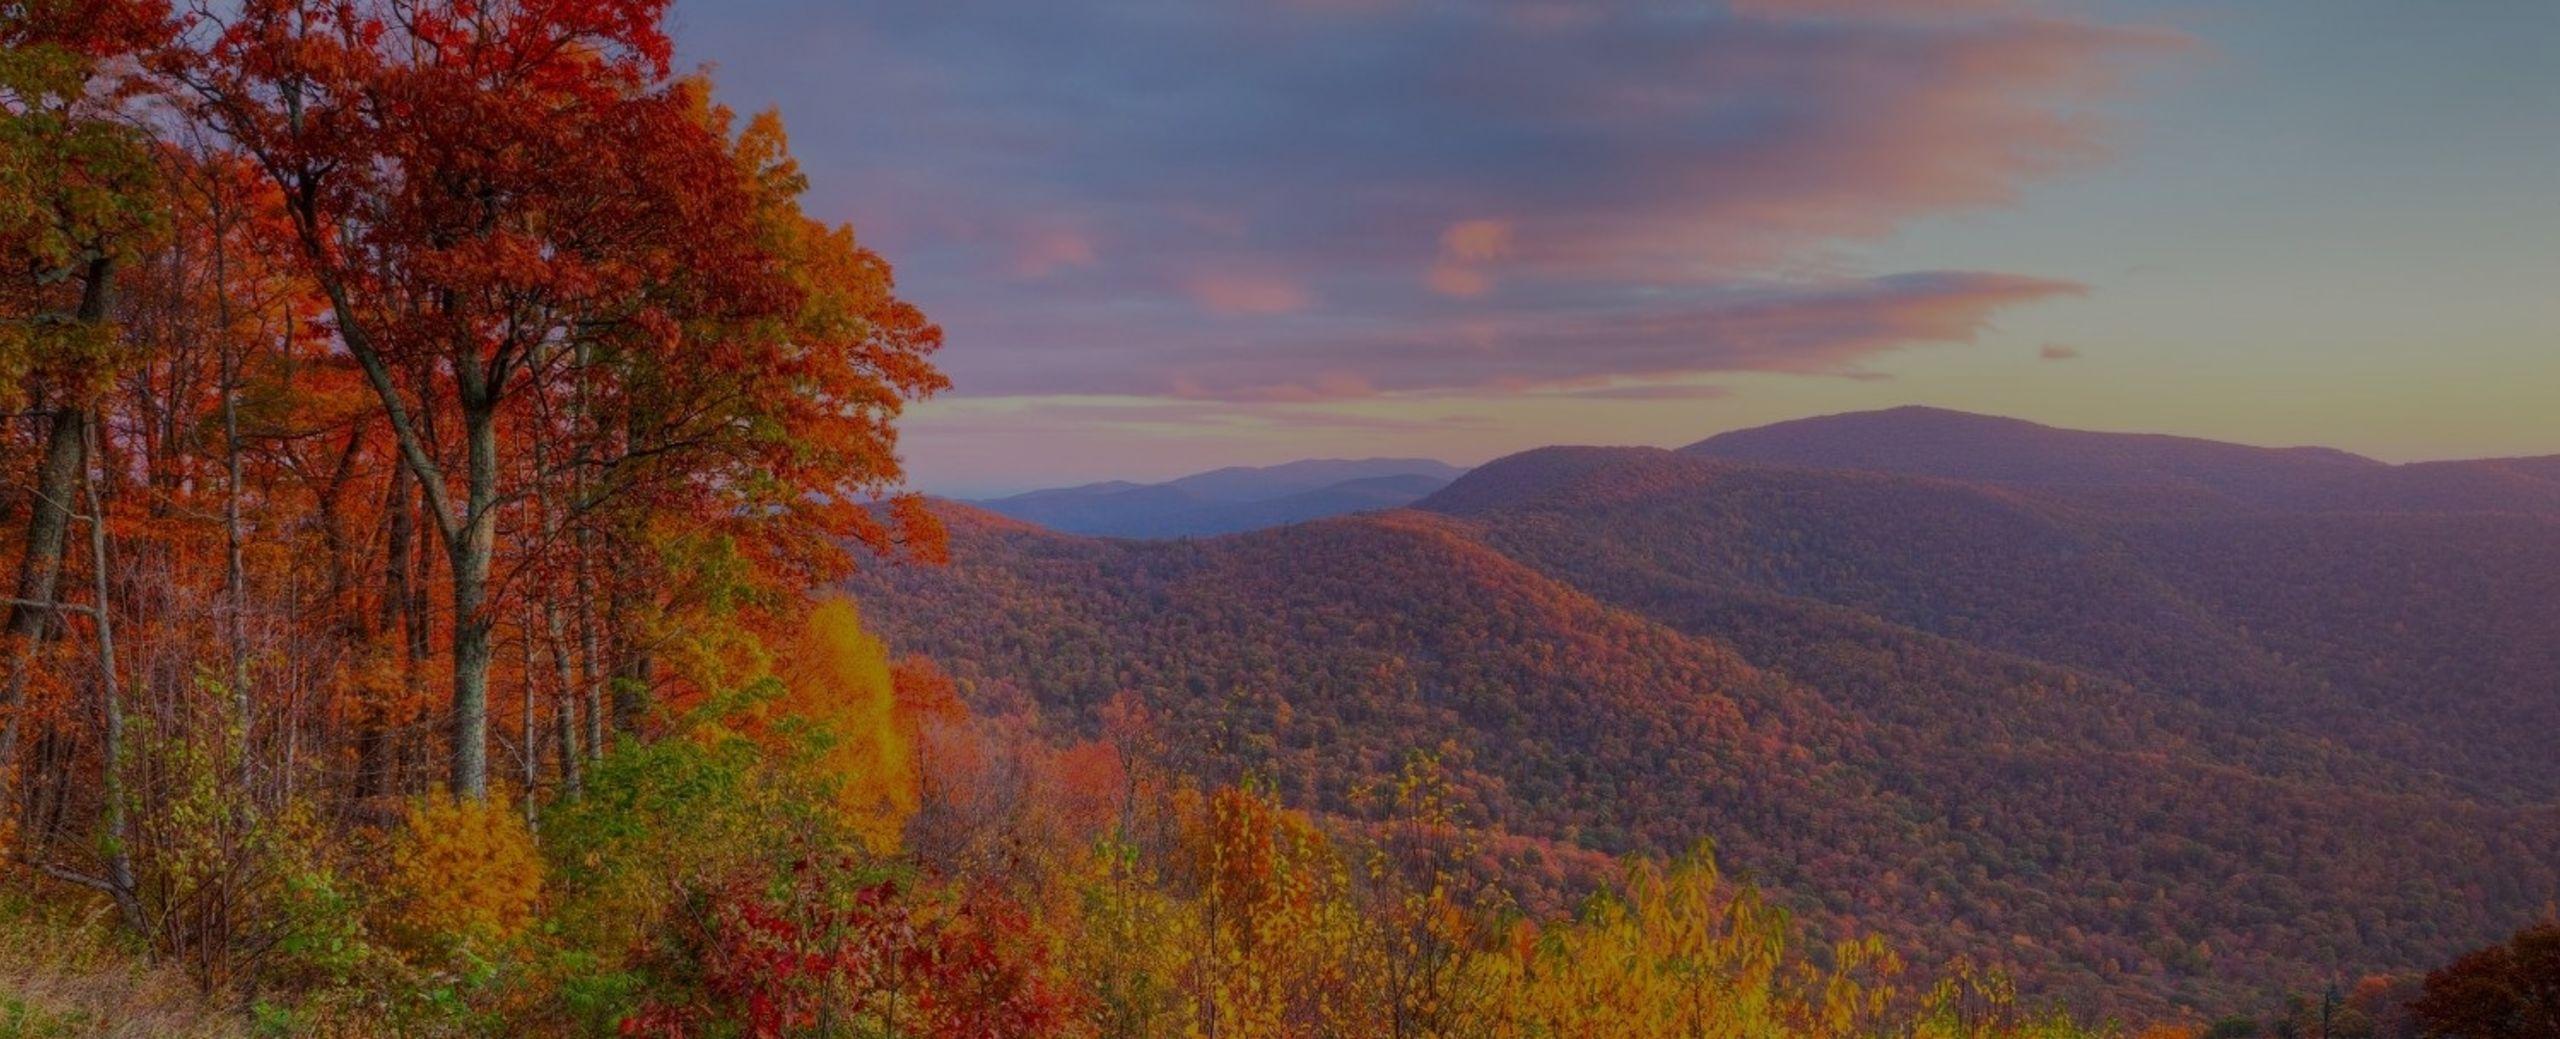 Fall Activities in Virginia